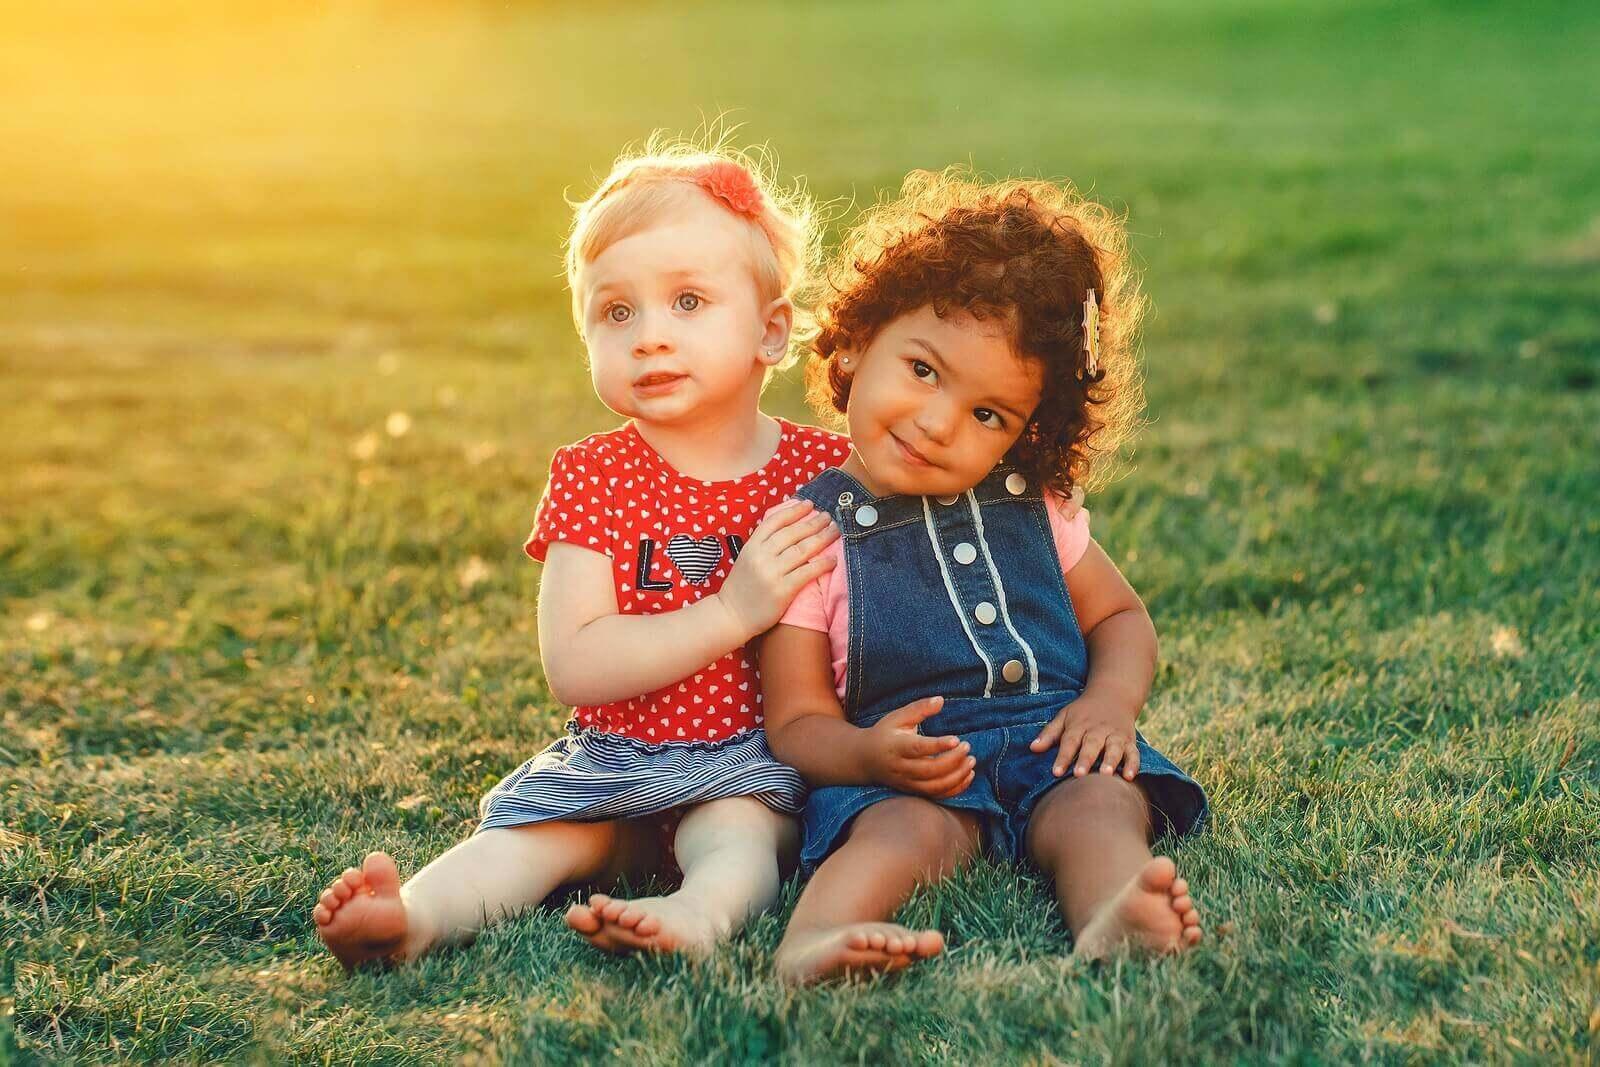 Utviklingen av personlighet i barndommen